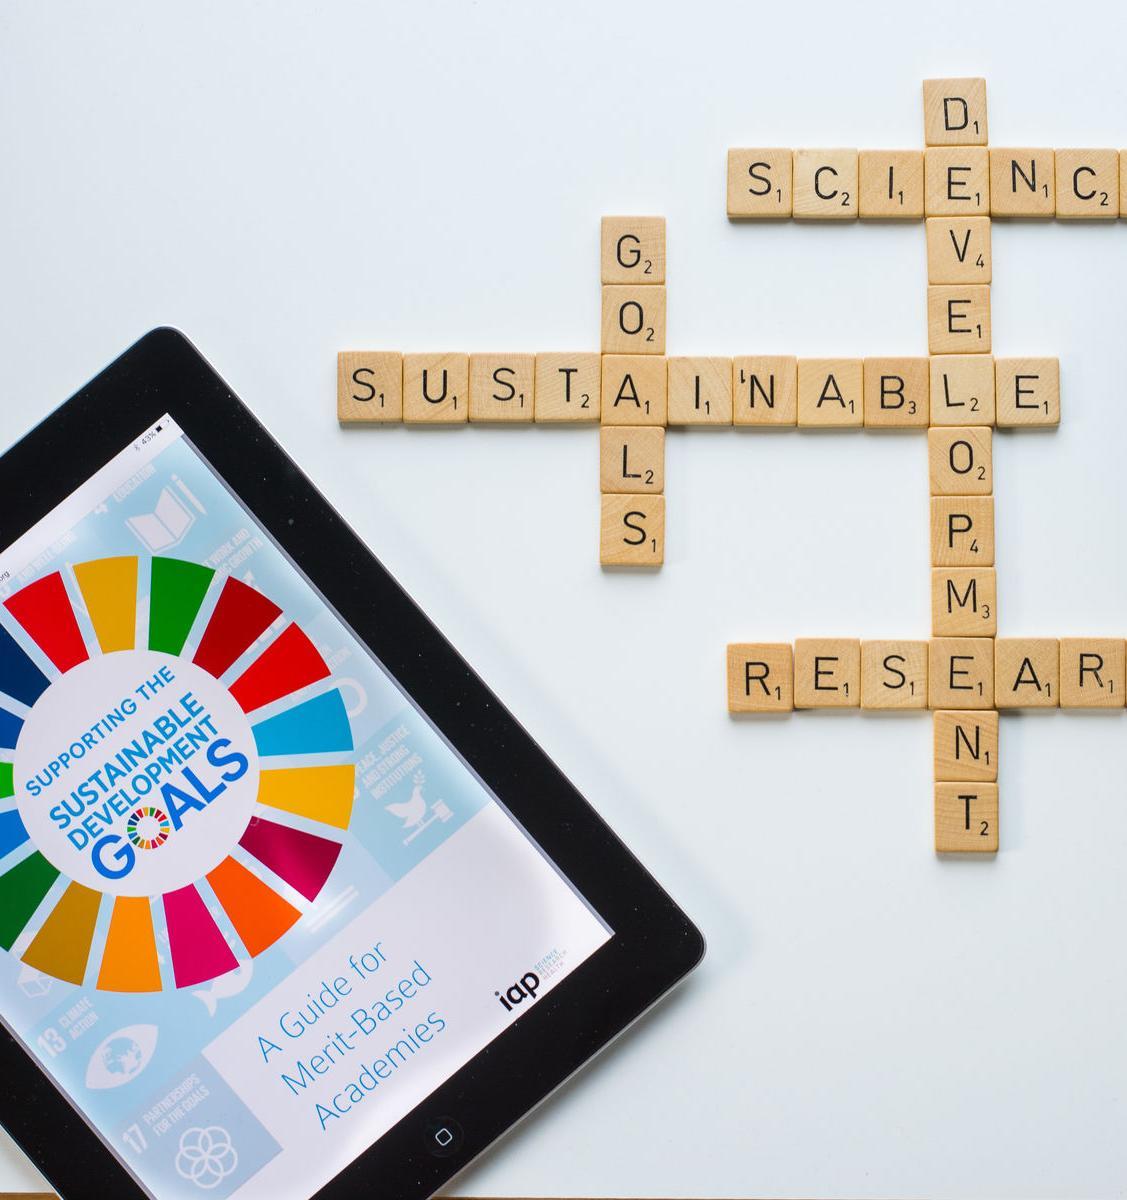 Коалиция за устойчивое развитие страны приглашает к подготовке обзора о реализации ЦУР